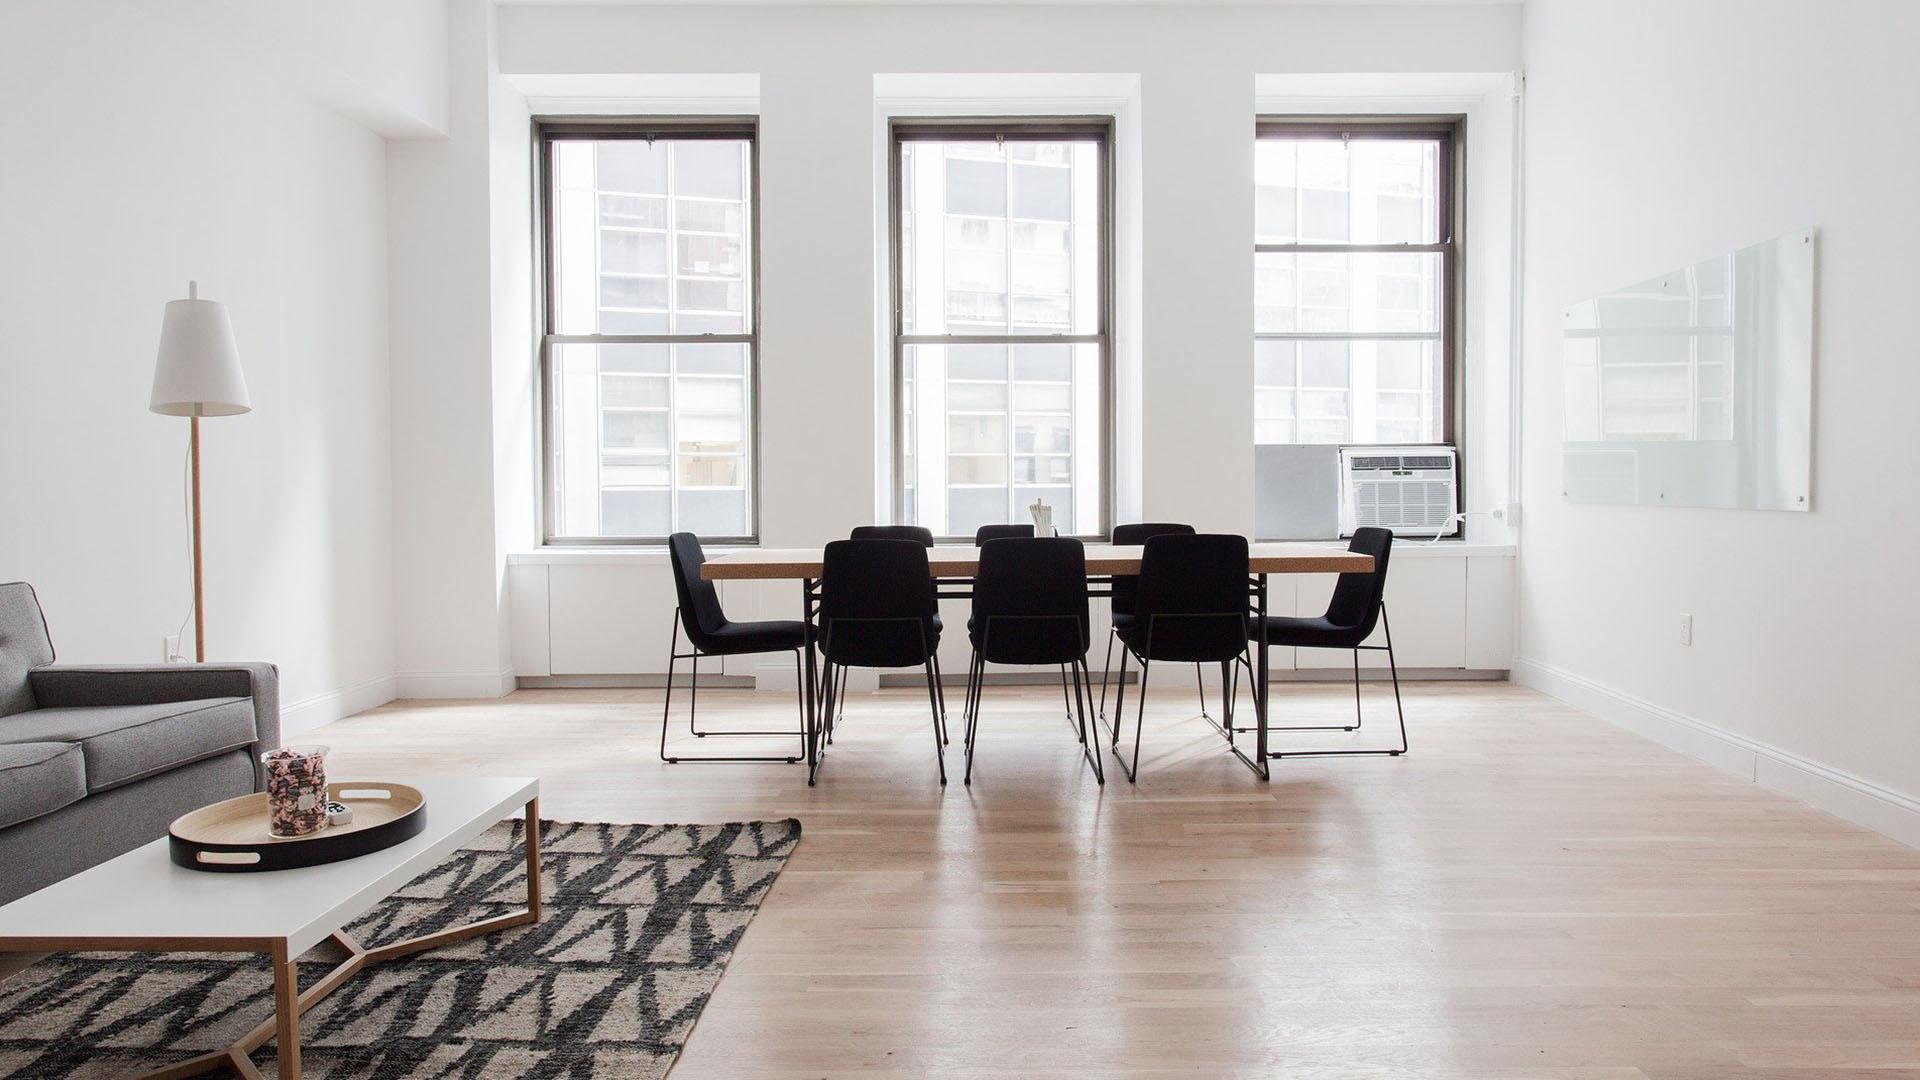 Holzboden mit Meetingraum